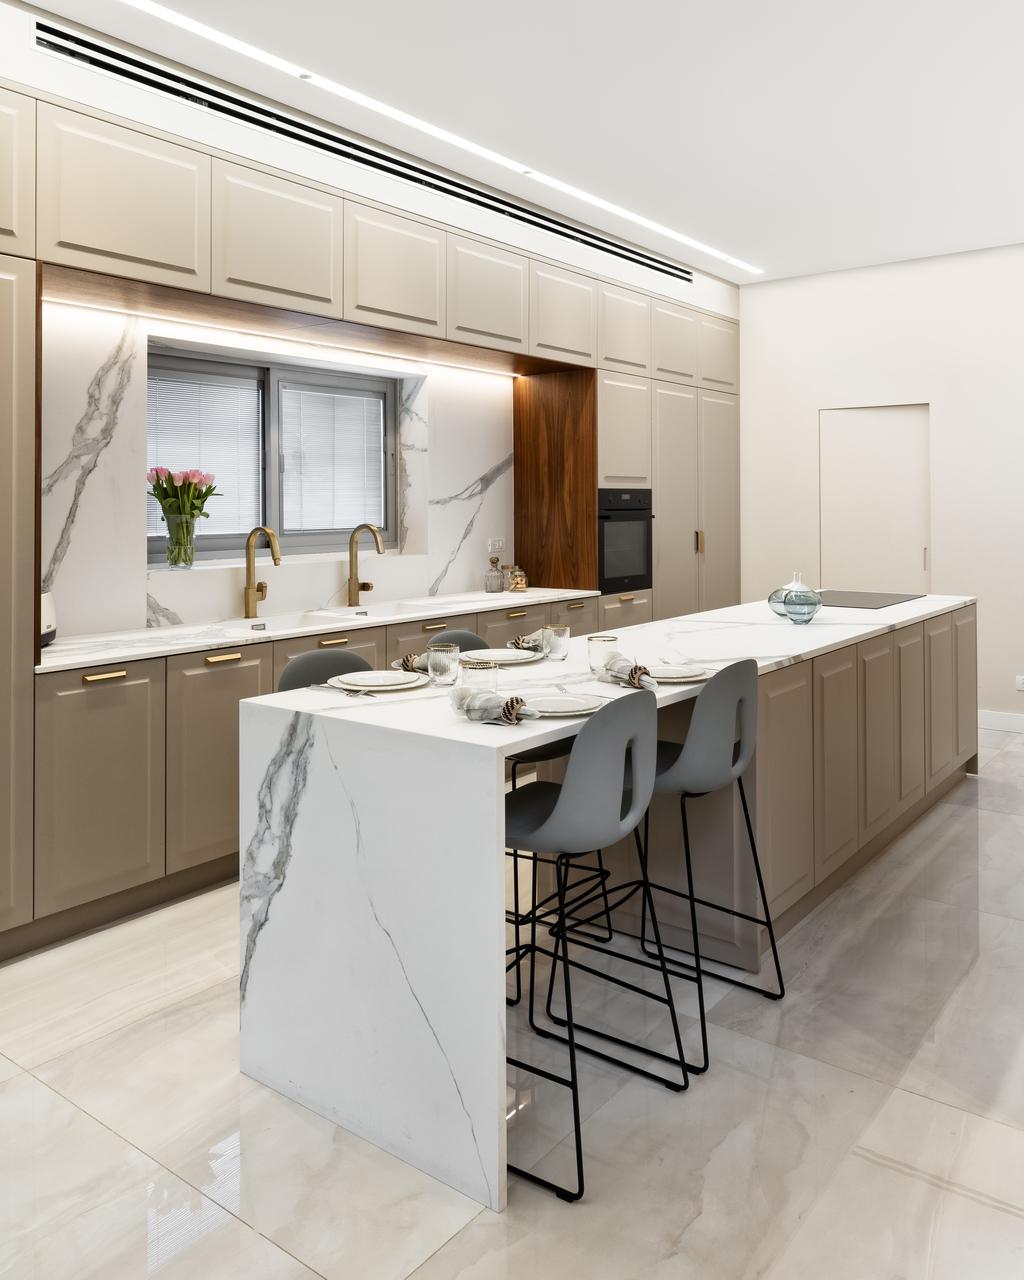 פס תאורה שקוע גבס הזורק אור אחיד ורגוע לפינת העבודה במטבח   עיצוב: אביטל ובלהה (א. אבוחצירא)